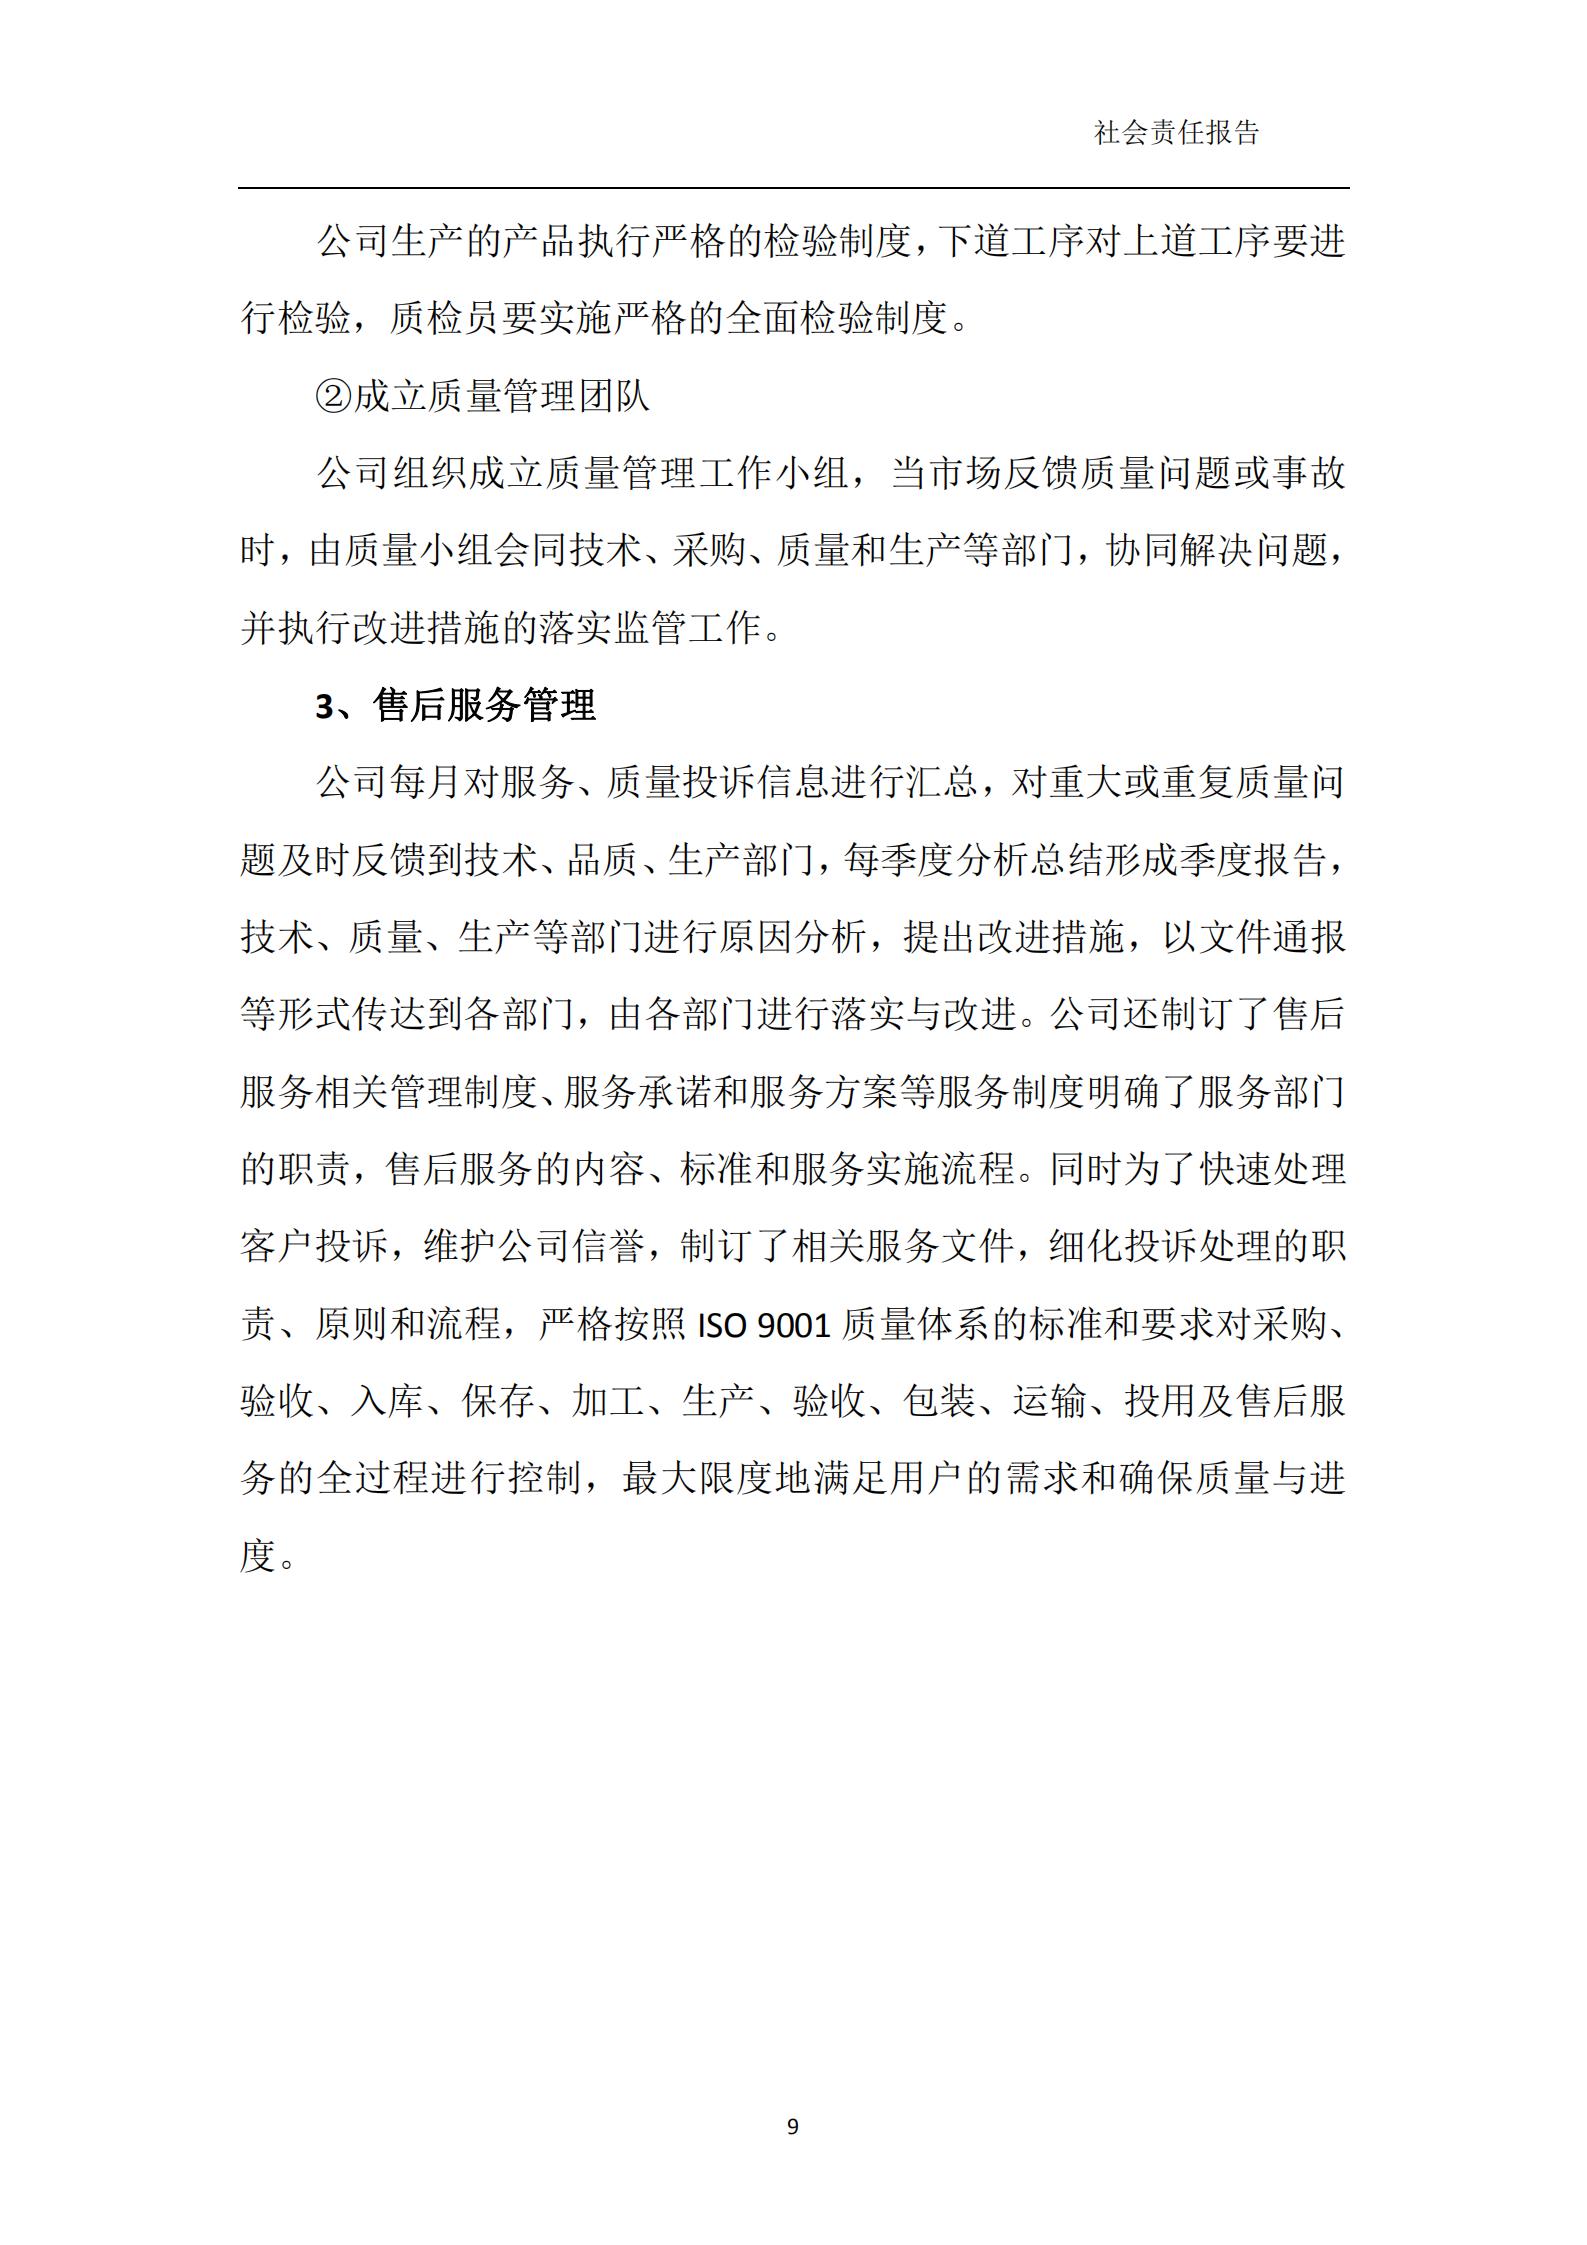 浙江新诚减速机科技有限公司-社会责任报告_08.png